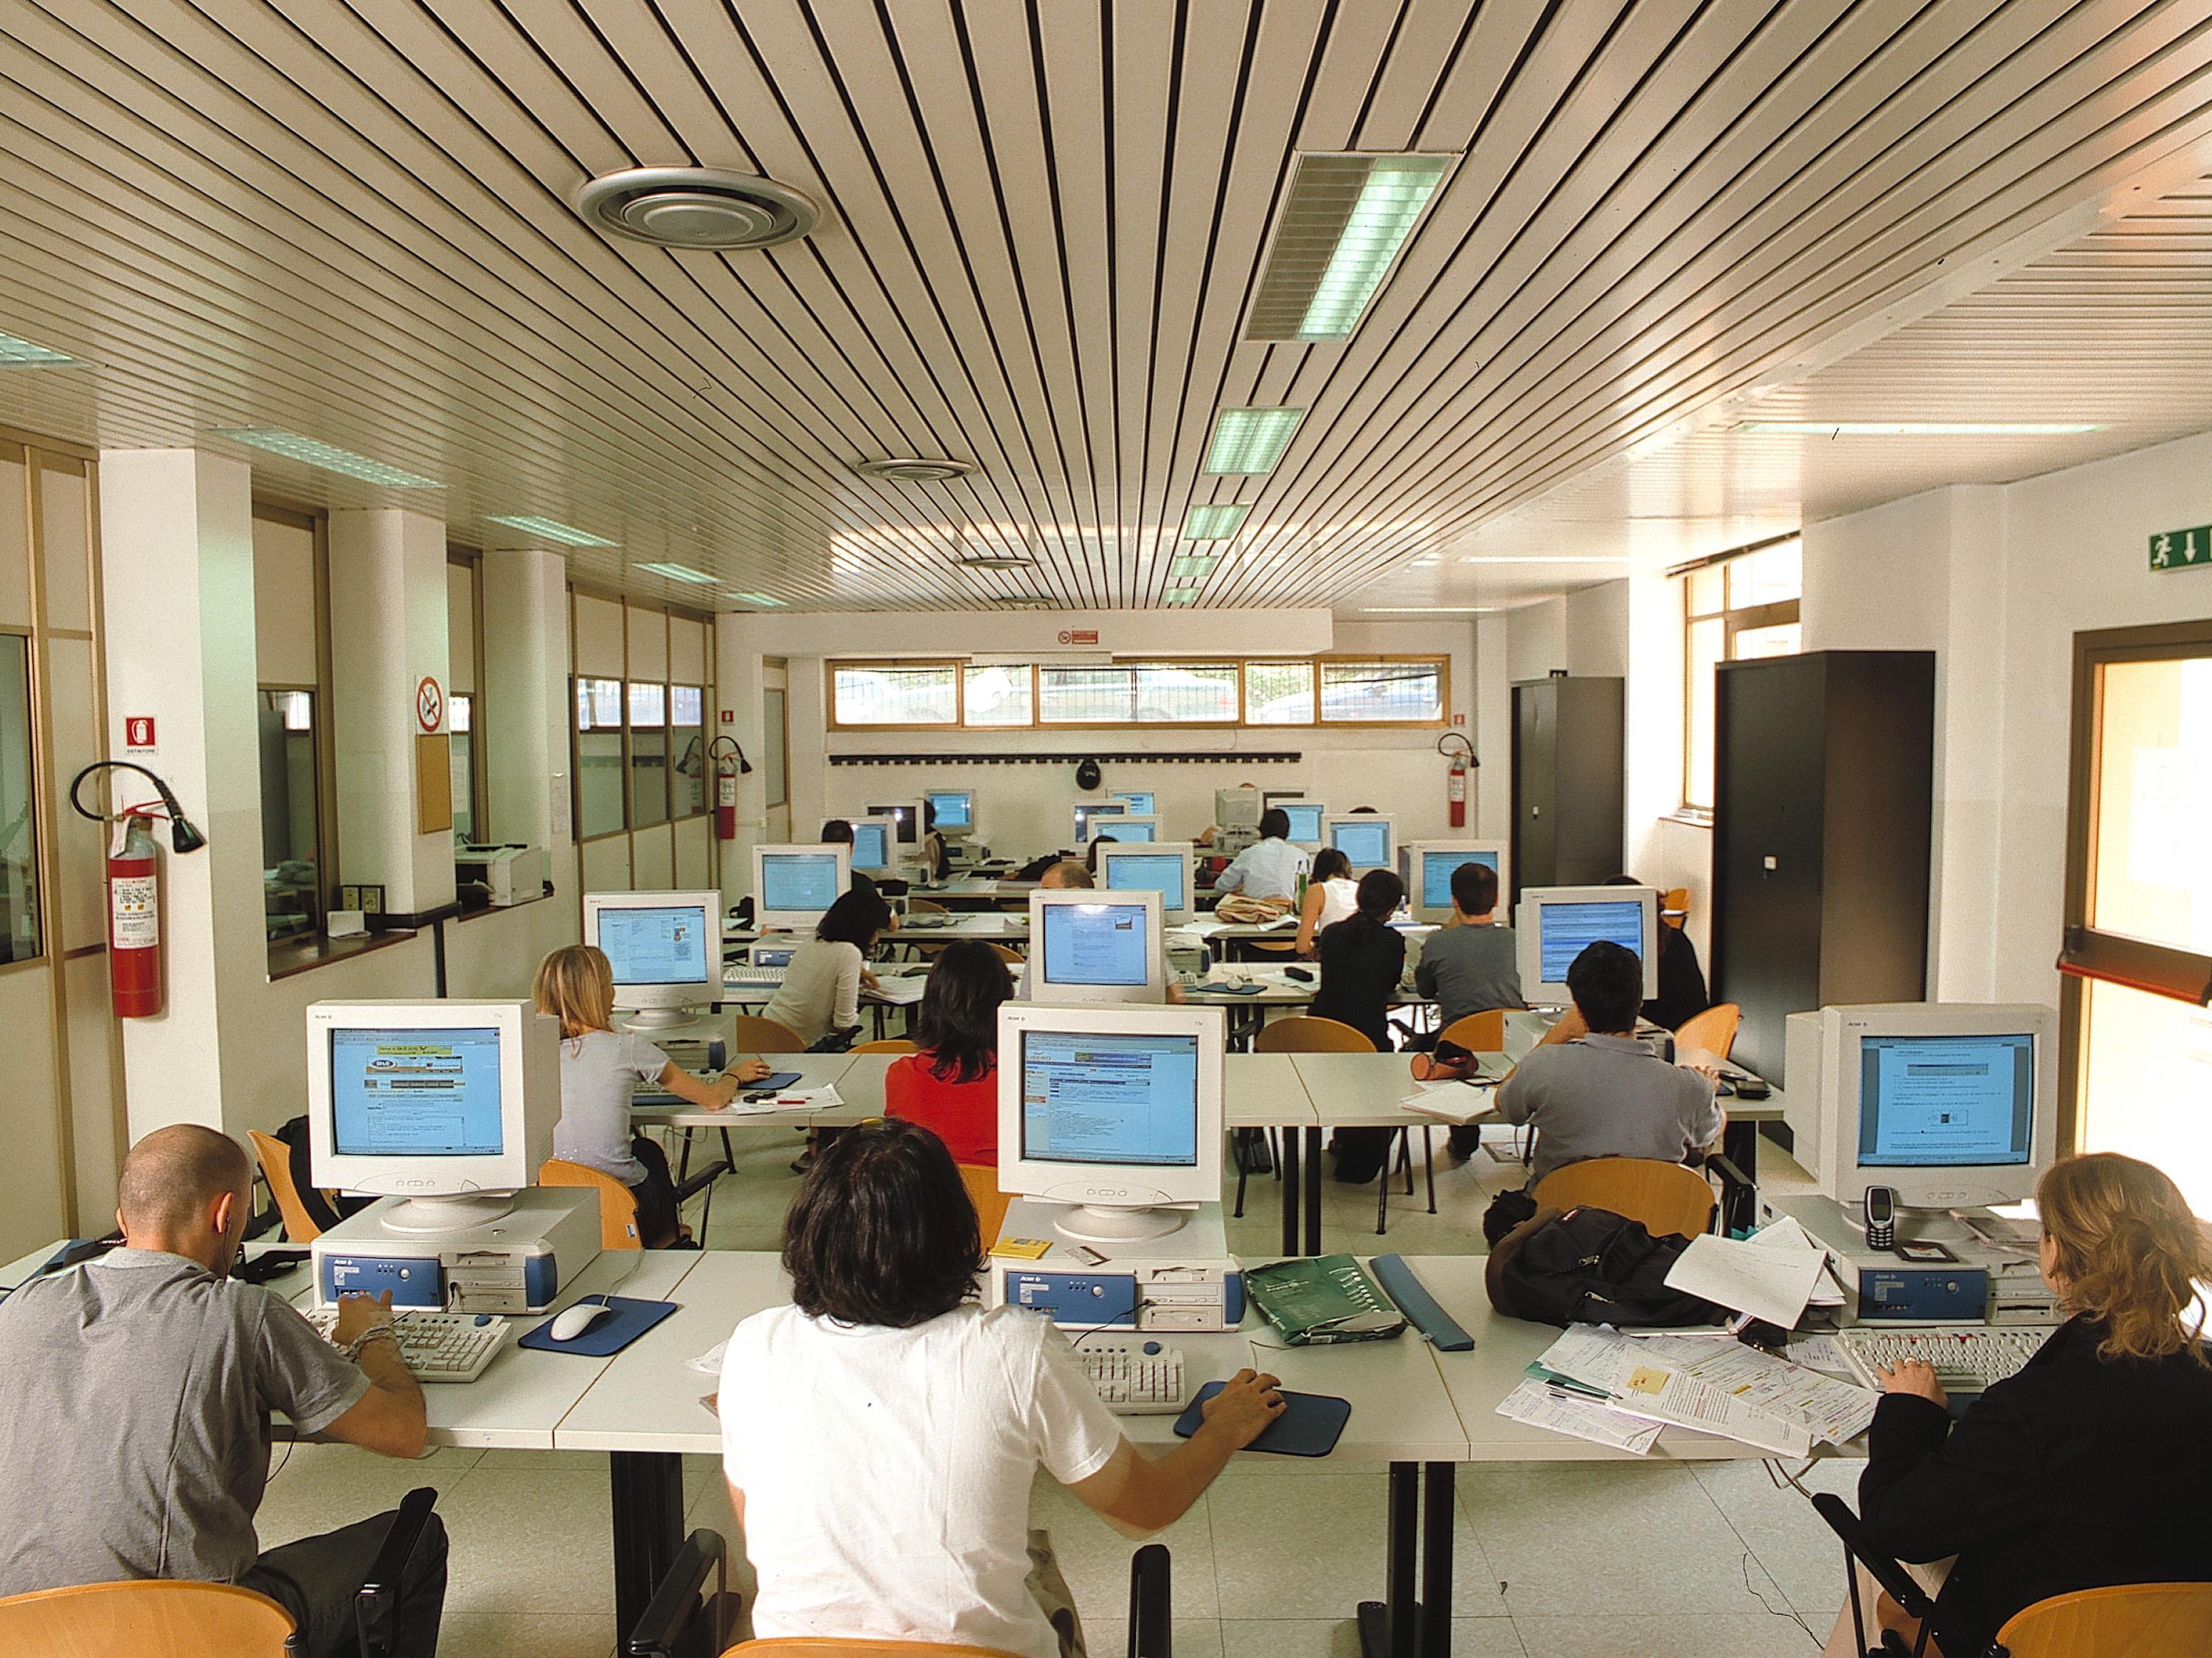 A Milano l'aperi-master per lanciare un nuovo corso al Politecnico